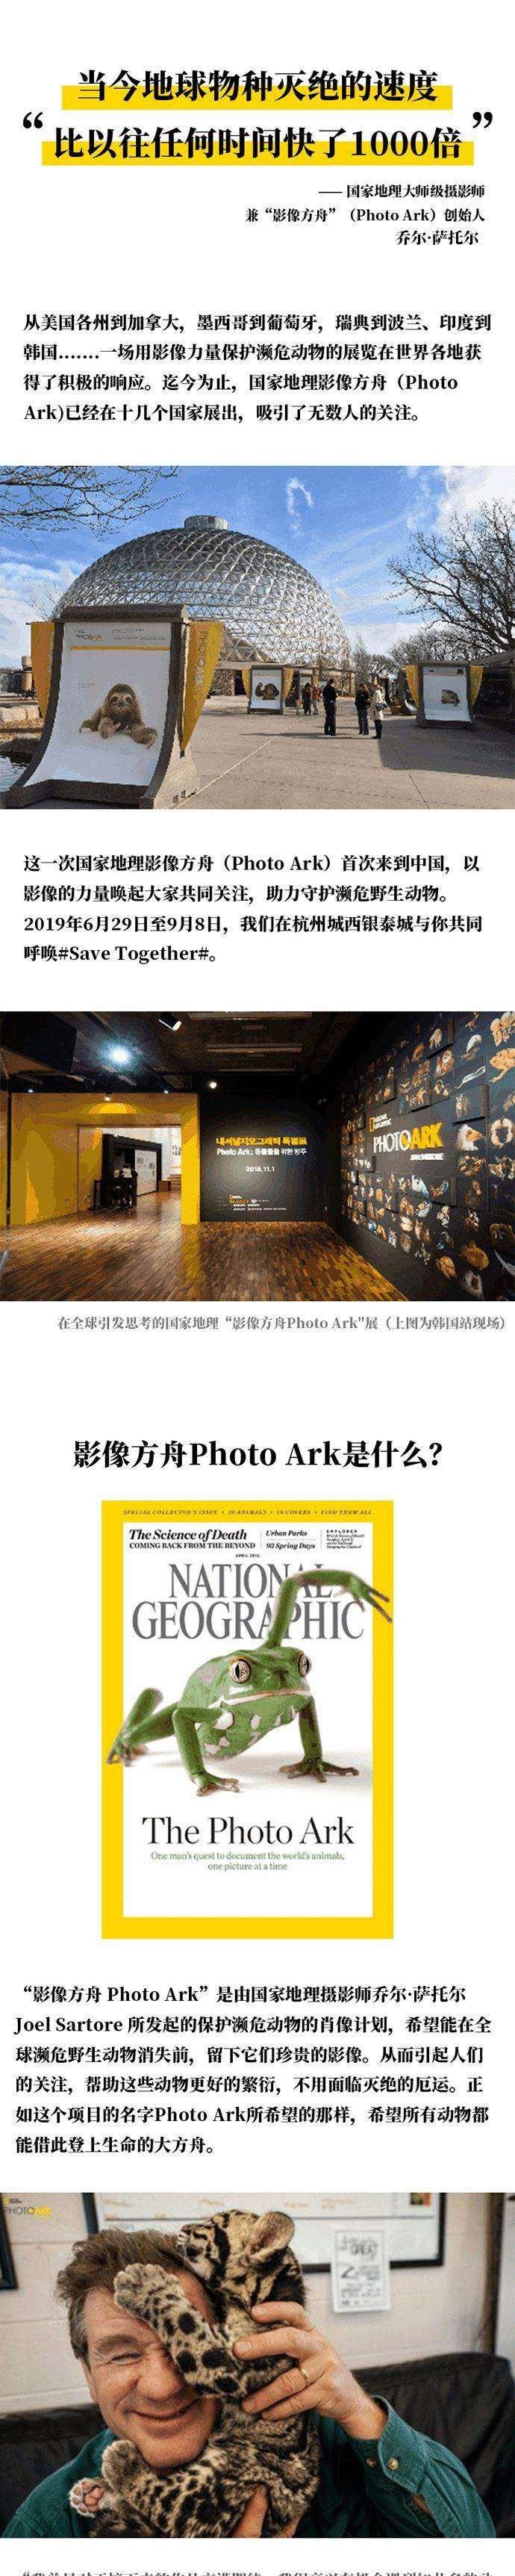 网易华东×国家地理展活动页面_02.gif